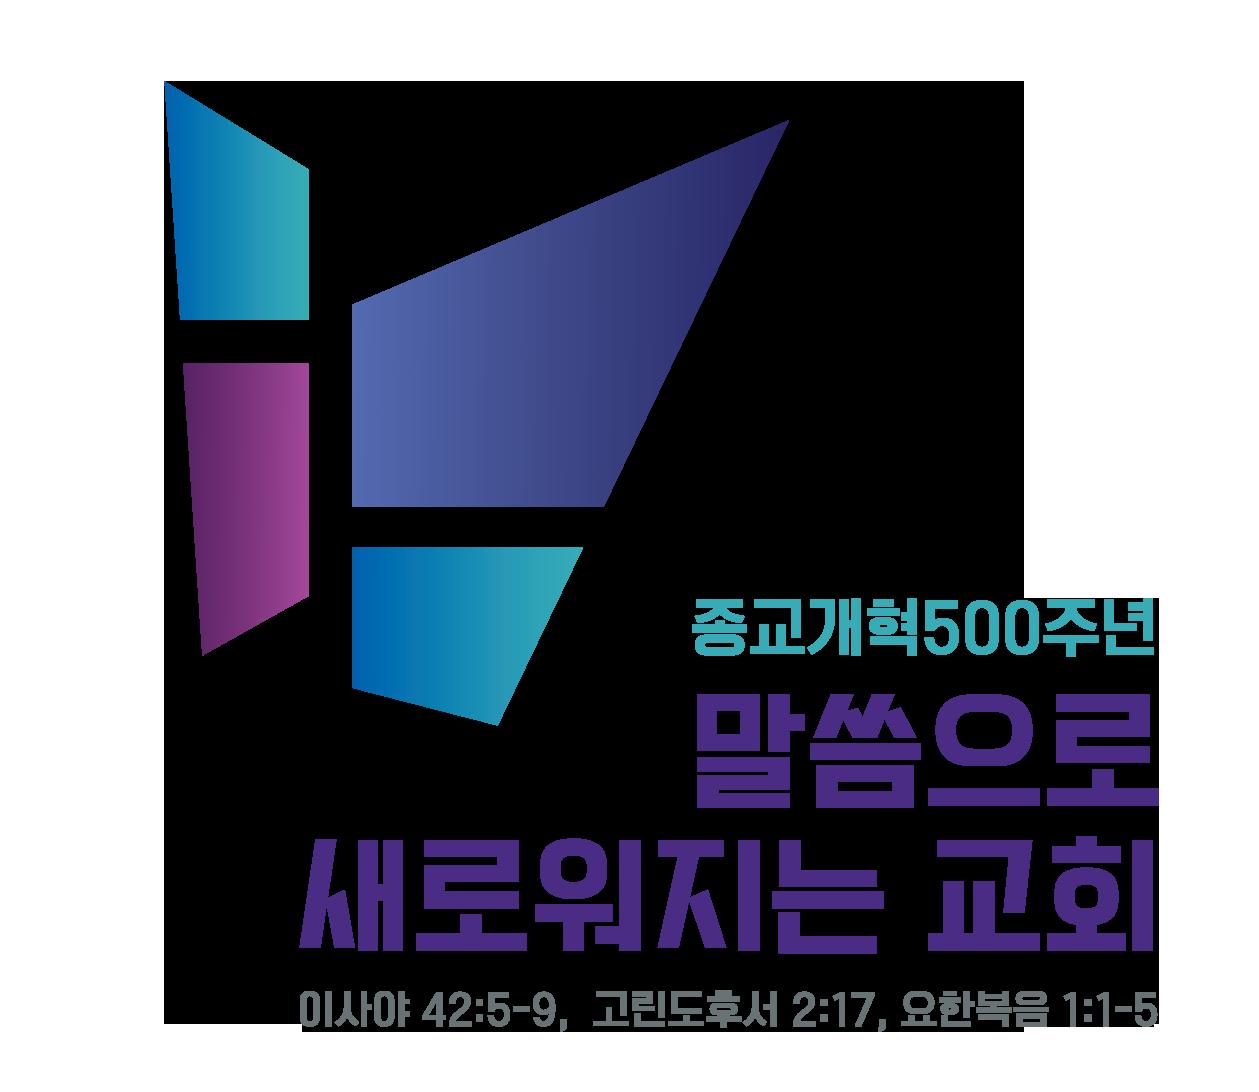 102회 총회 앰블럼 (4).png